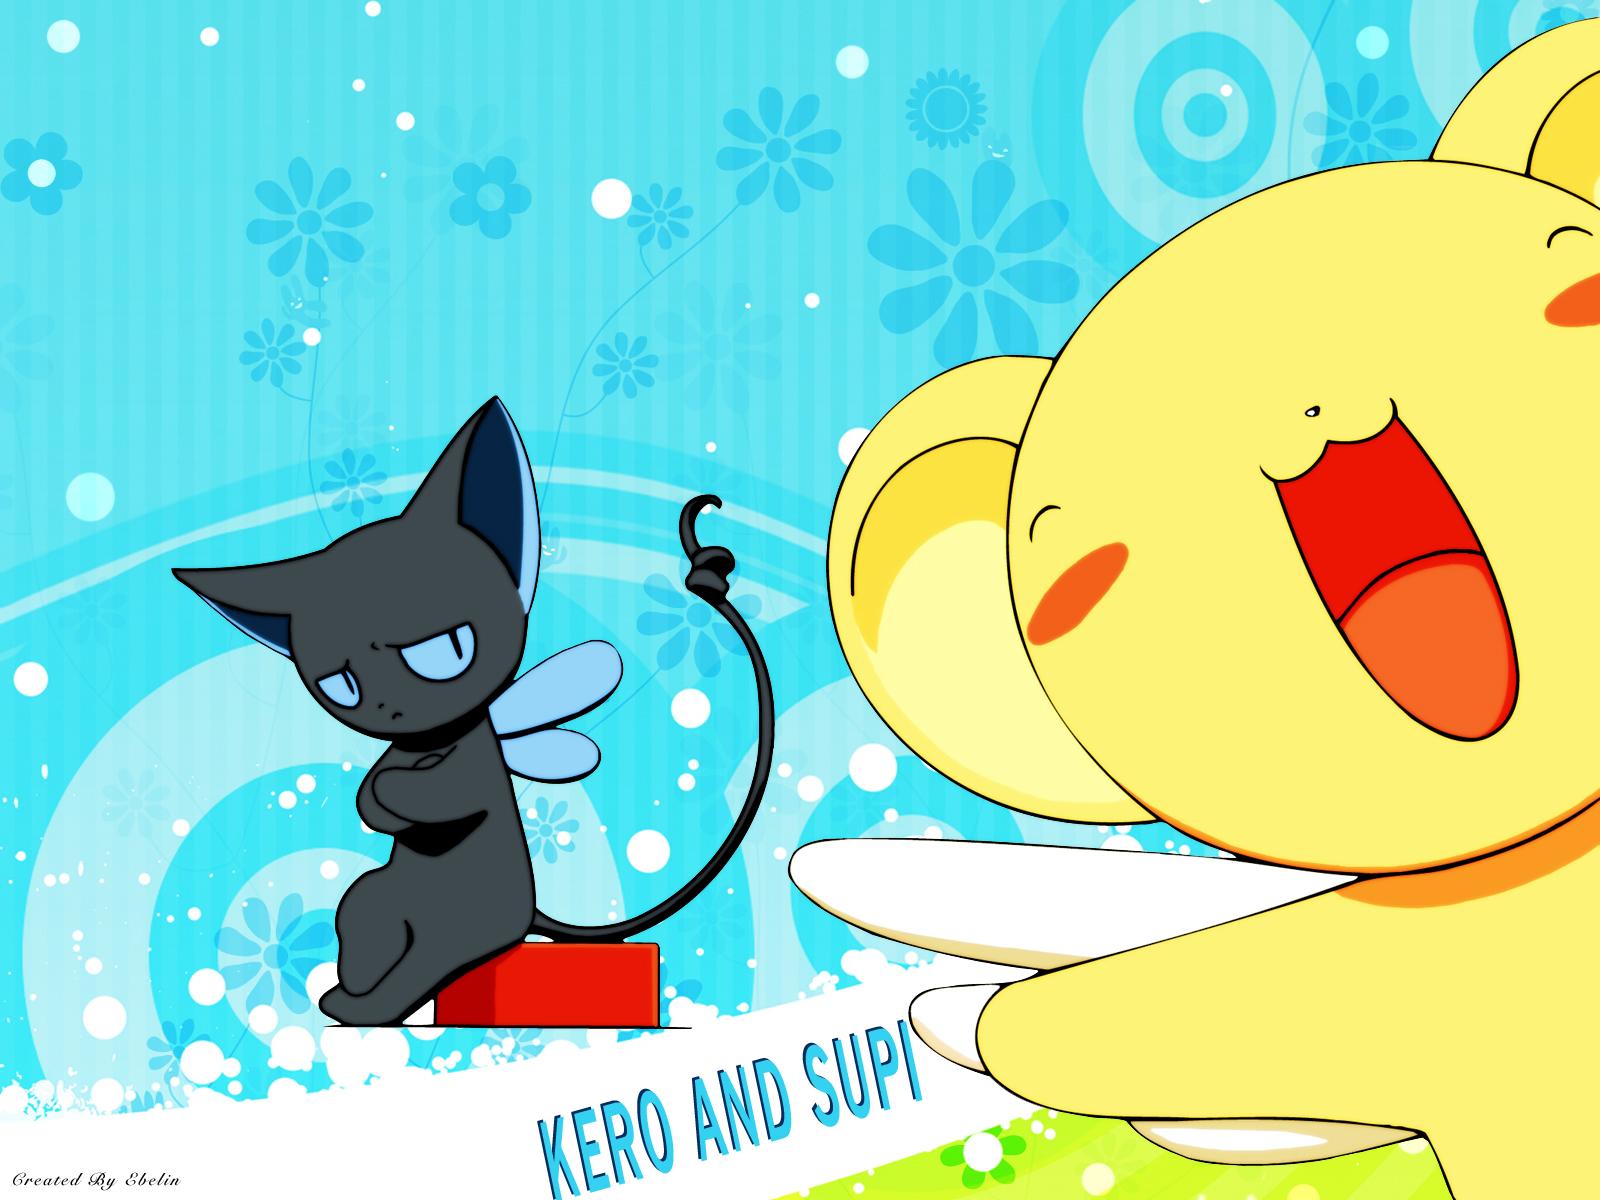 imagens de Card Captor Sakura Tumblr_static_kero_and_supi